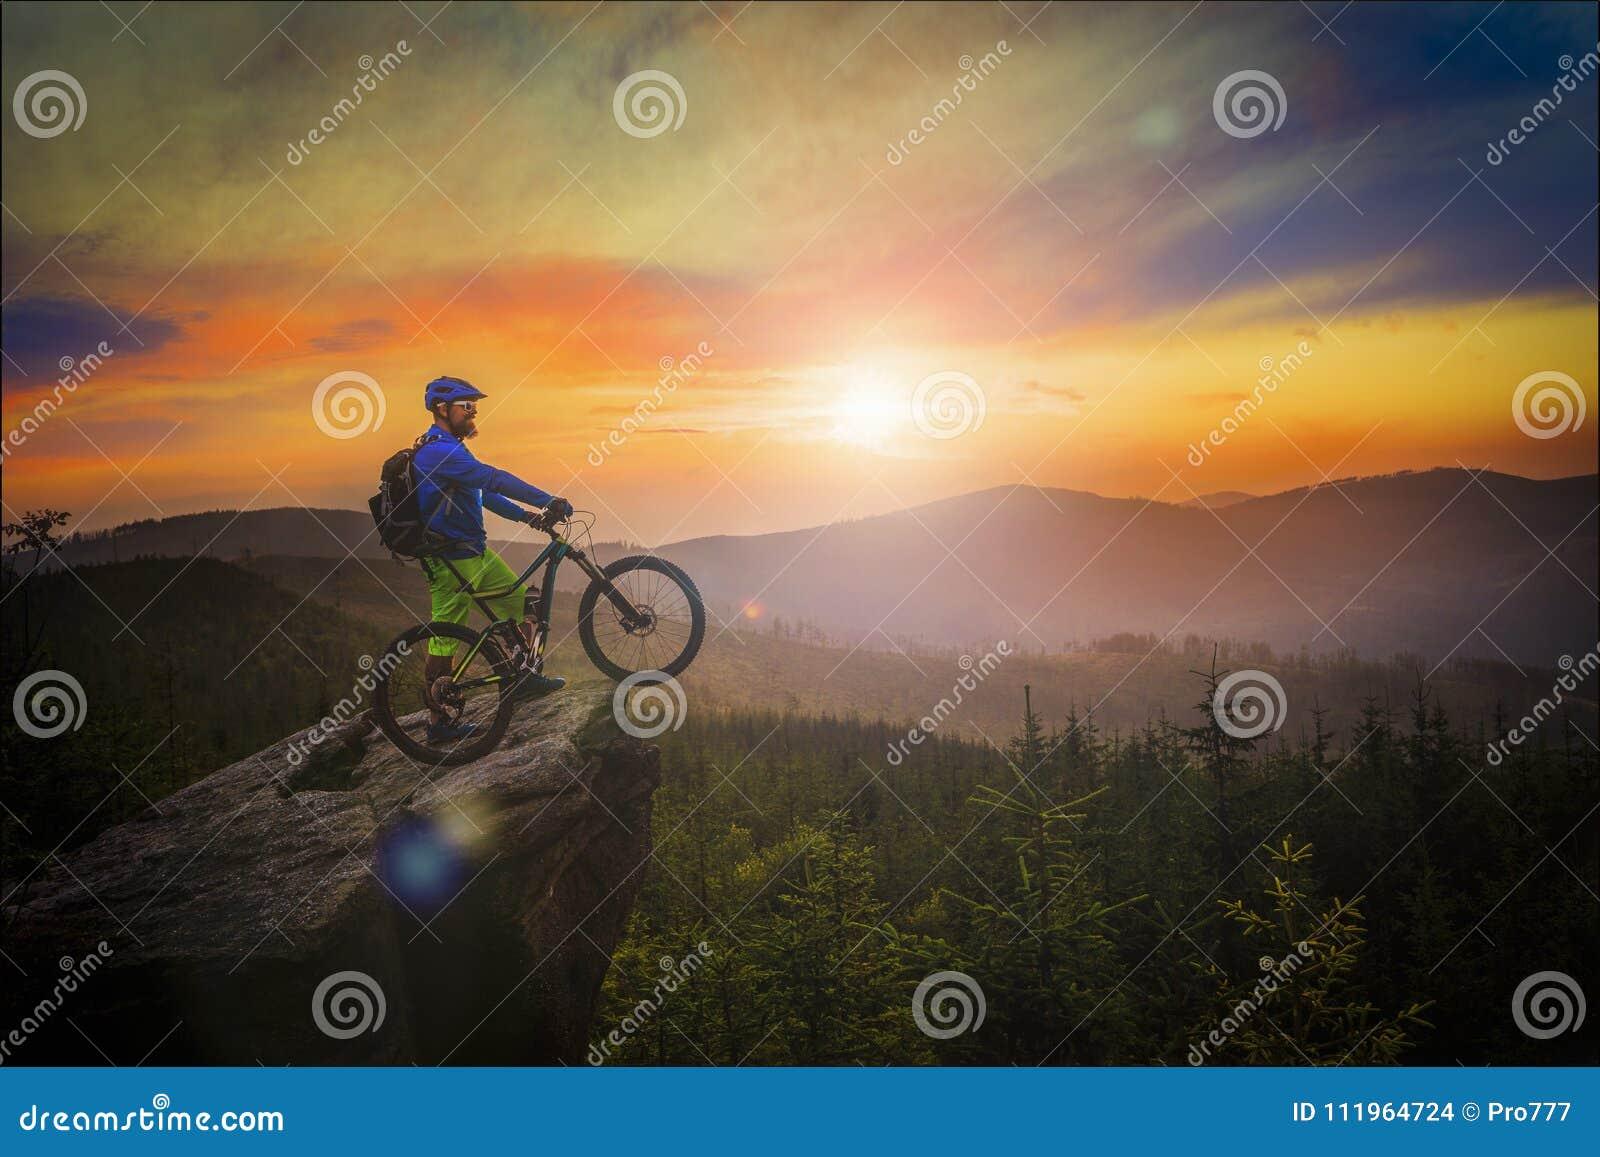 Οδήγηση ποδηλατών βουνών στο ηλιοβασίλεμα στο ποδήλατο στα θερινά βουνά εκ των προτέρων